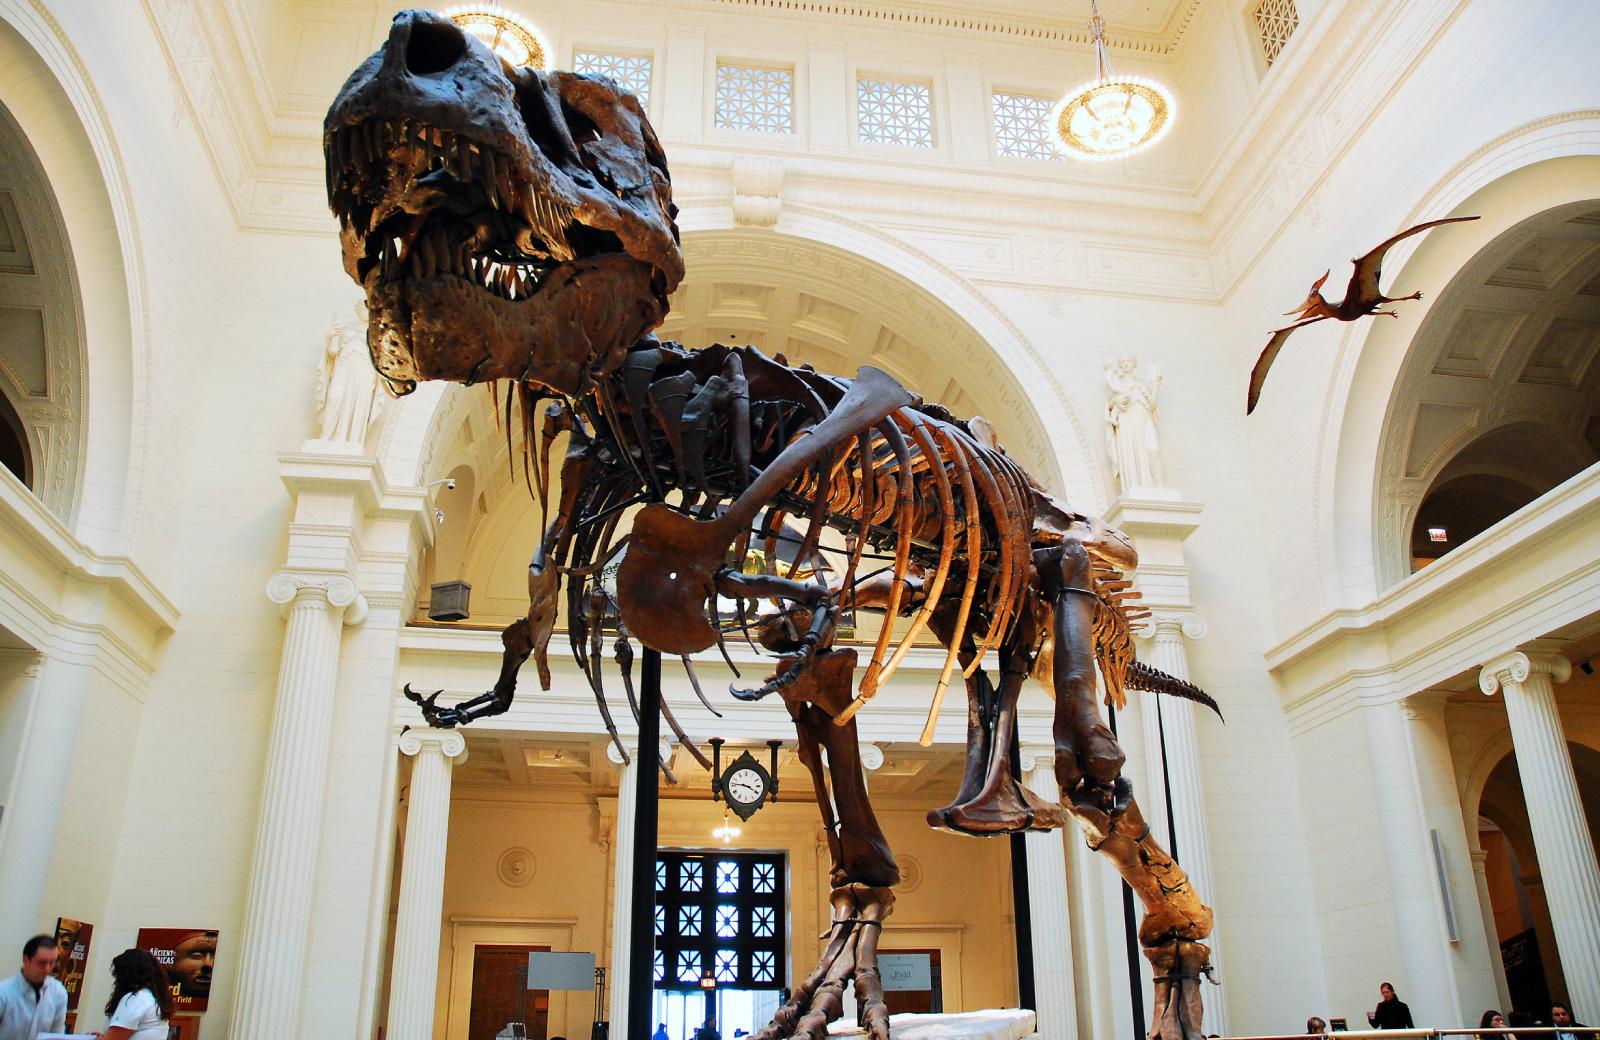 t-rex exhibit at the museum